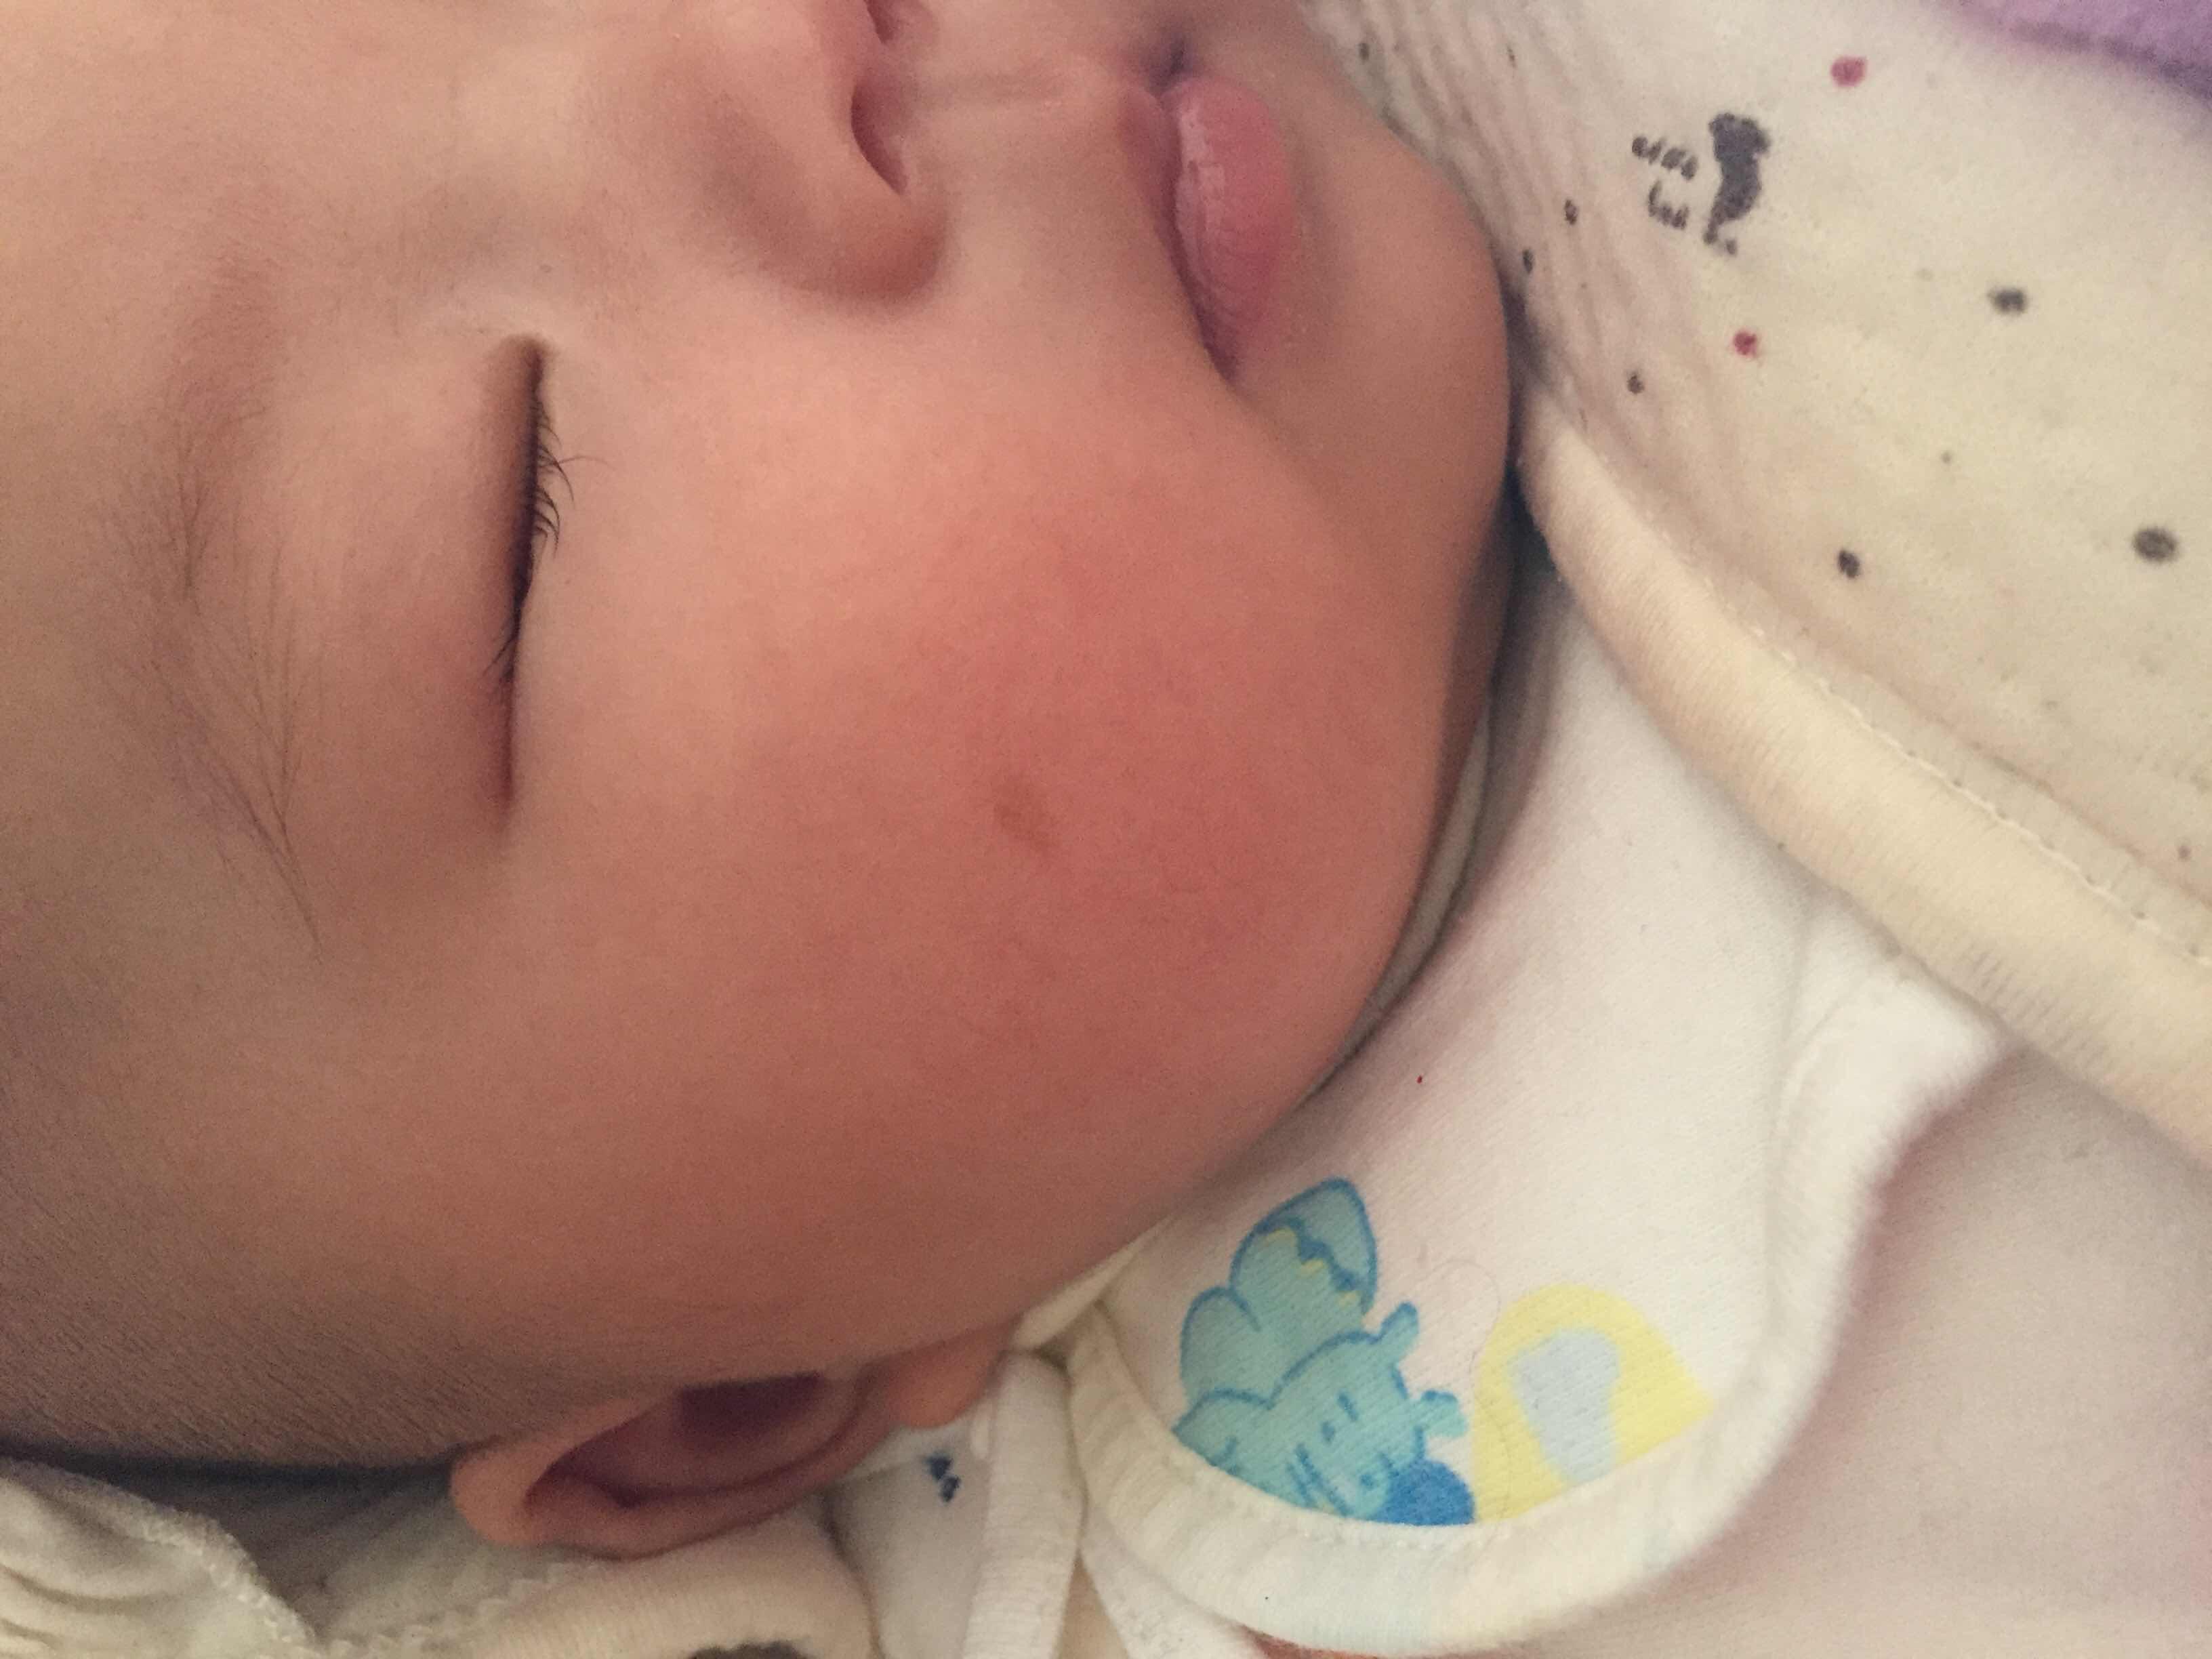 胎记需要去除吗,宝宝脸颊那里长了一个灰色的类似于胎记的东西吧,想咨询一下能不能治疗去除